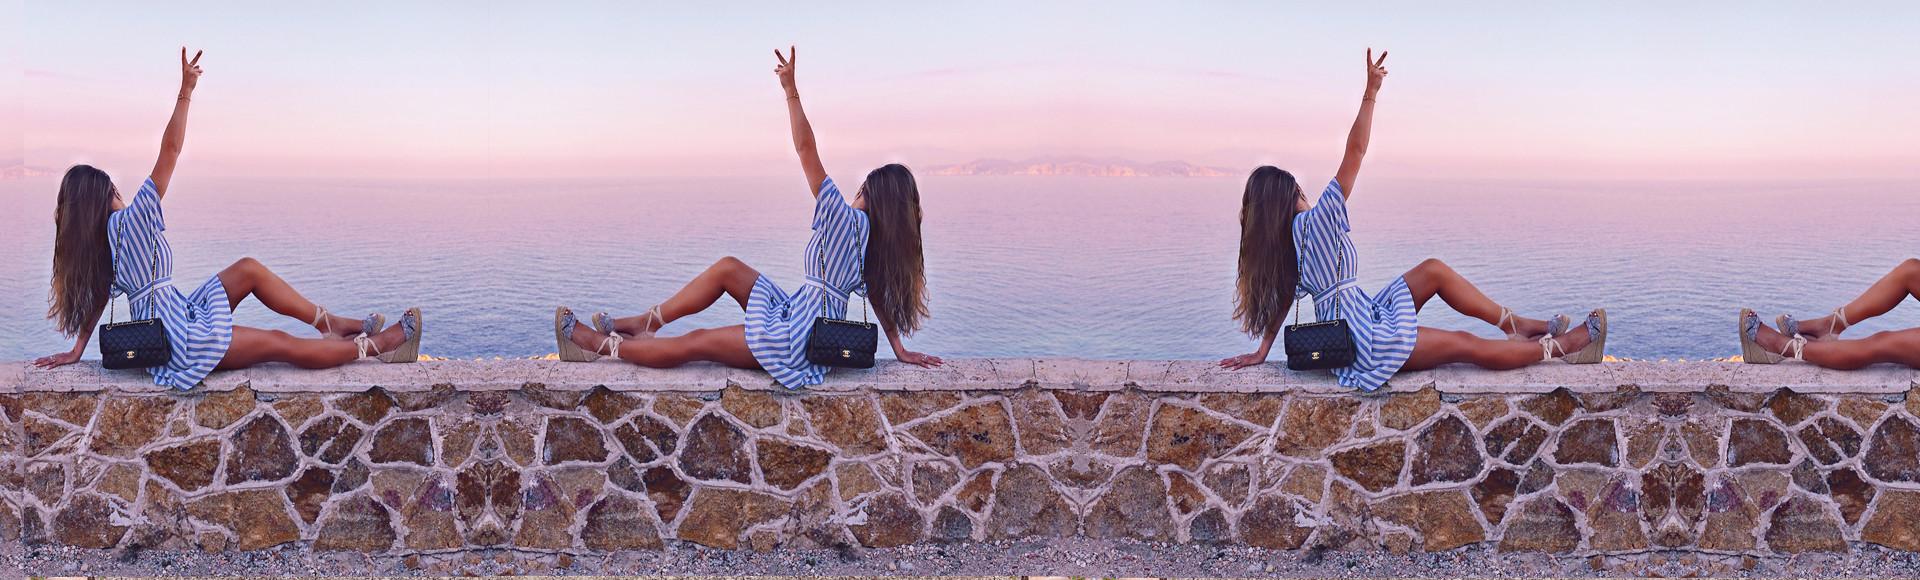 Marieluvpink Mode Version En Voyage Blog Et Lifestyle Beauté zzqFwxr